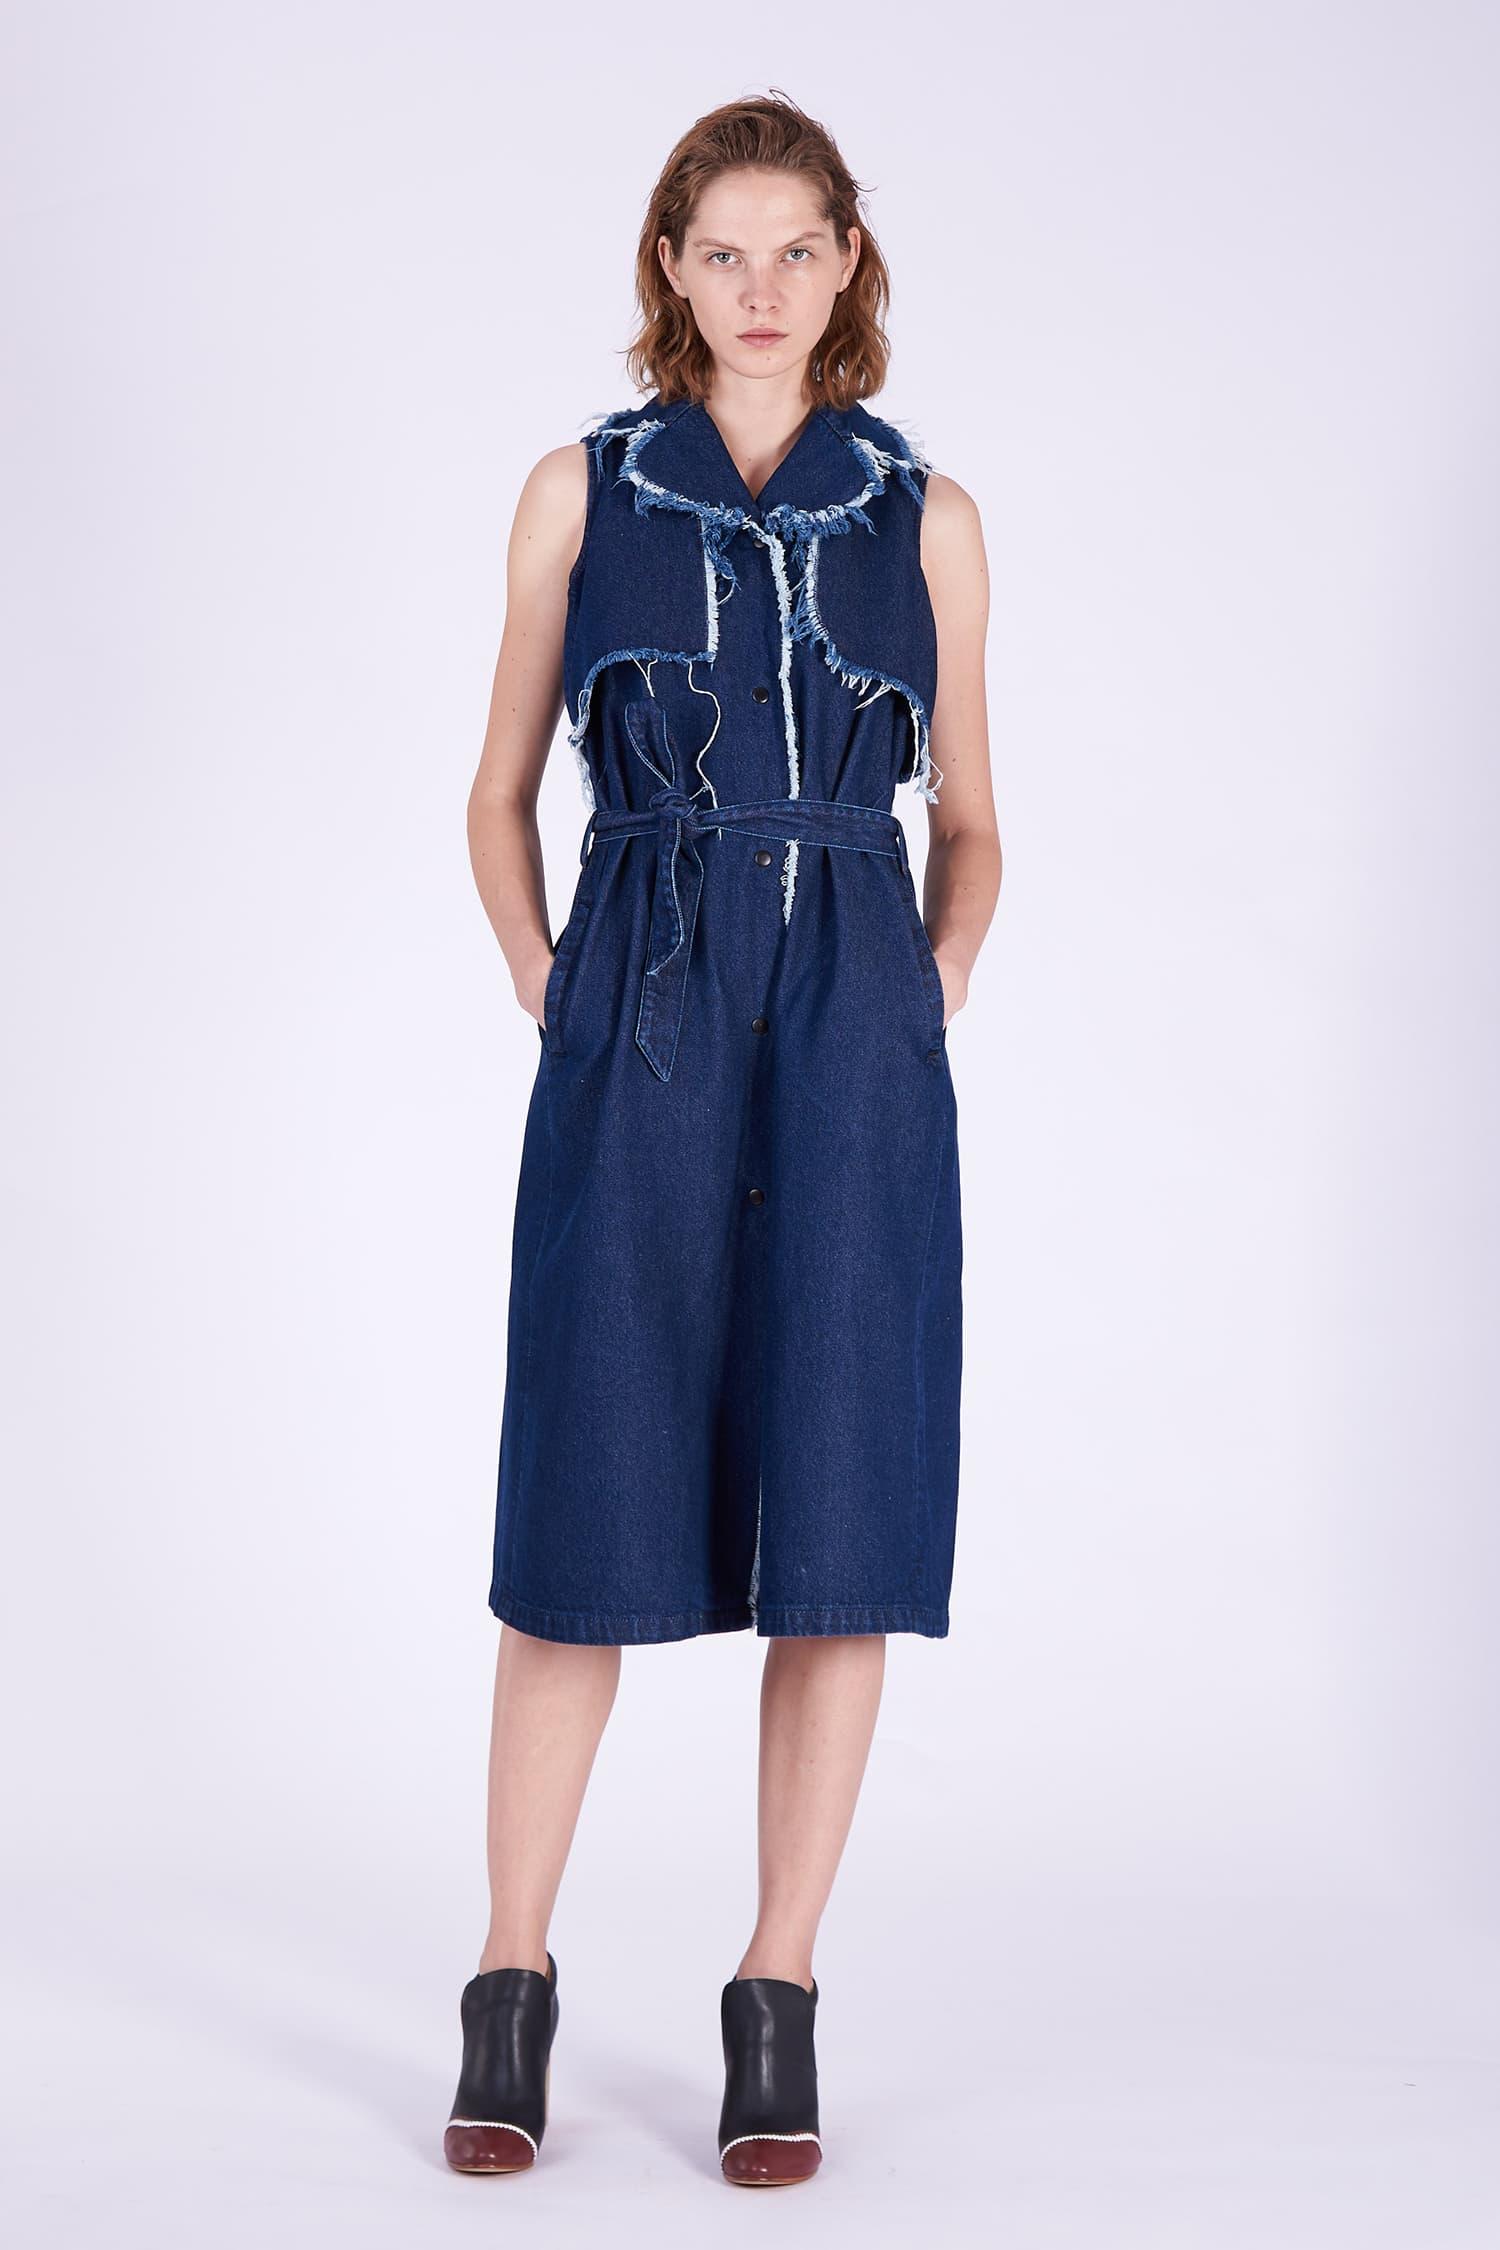 Acephala AW2018-19 Denim Dress Midi Blue // Sukienka Midi z Ciemnego Denimu